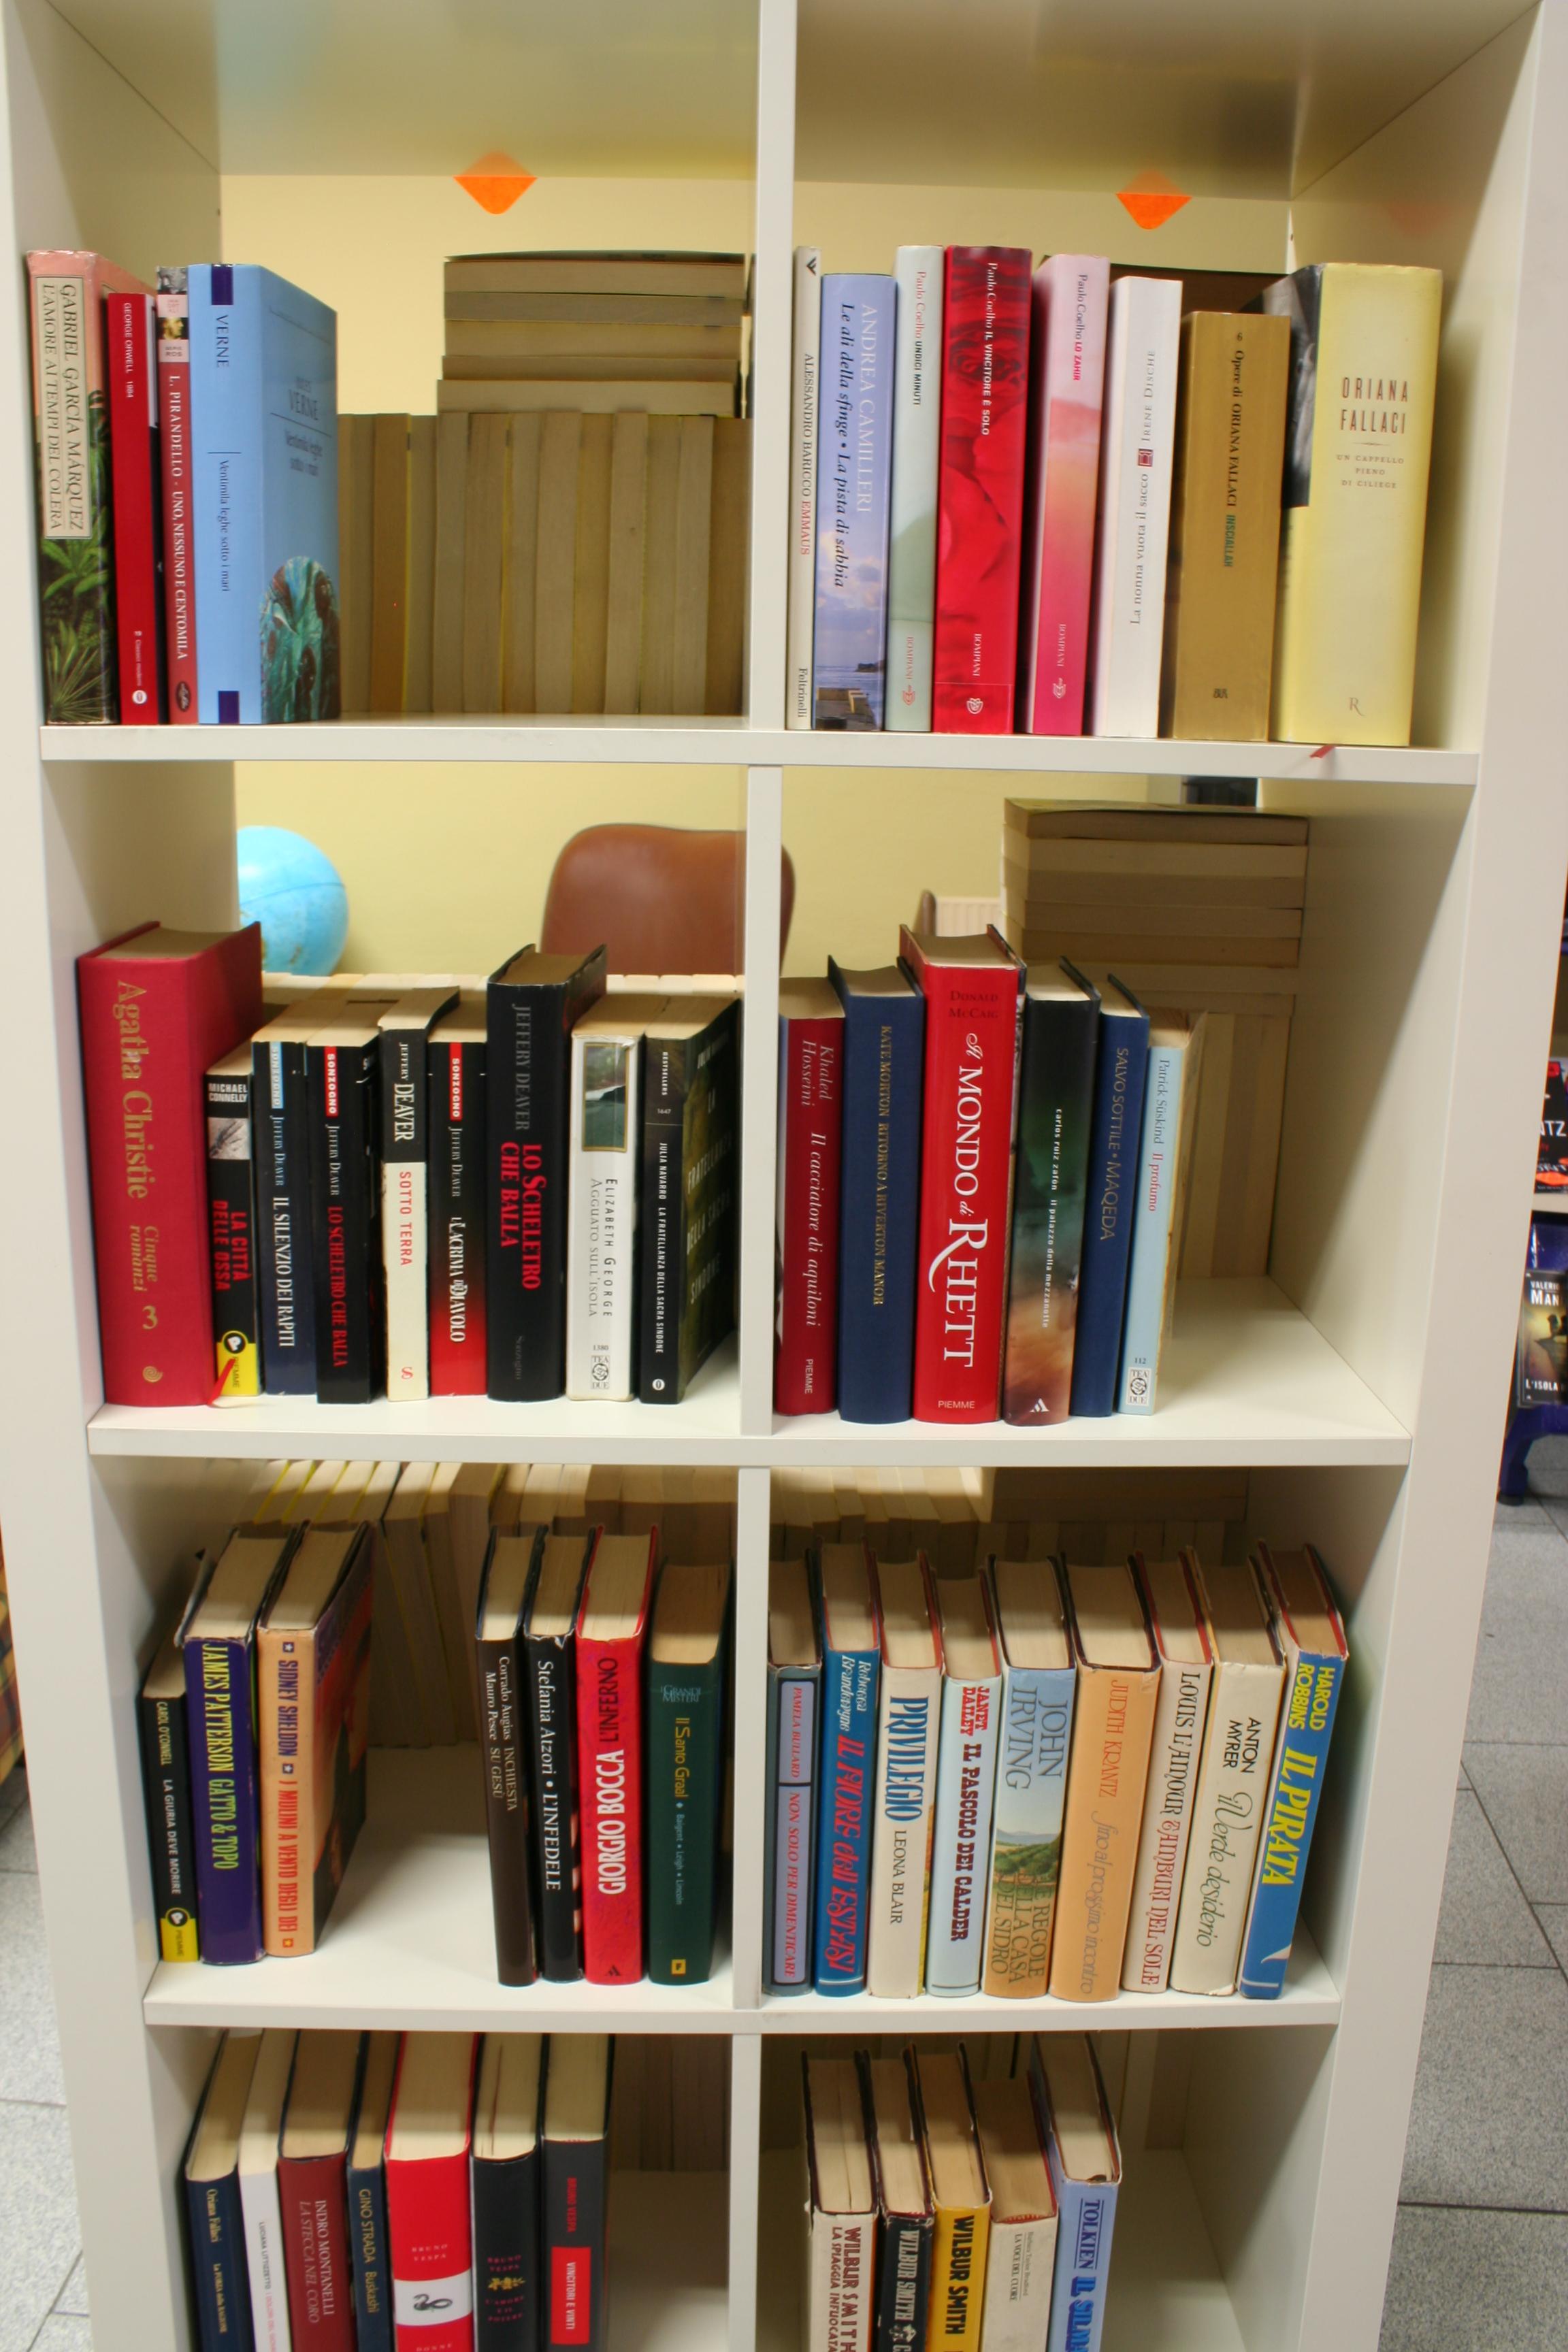 Libri usati varia libreria mirtillo montichiari for Libreria online libri usati